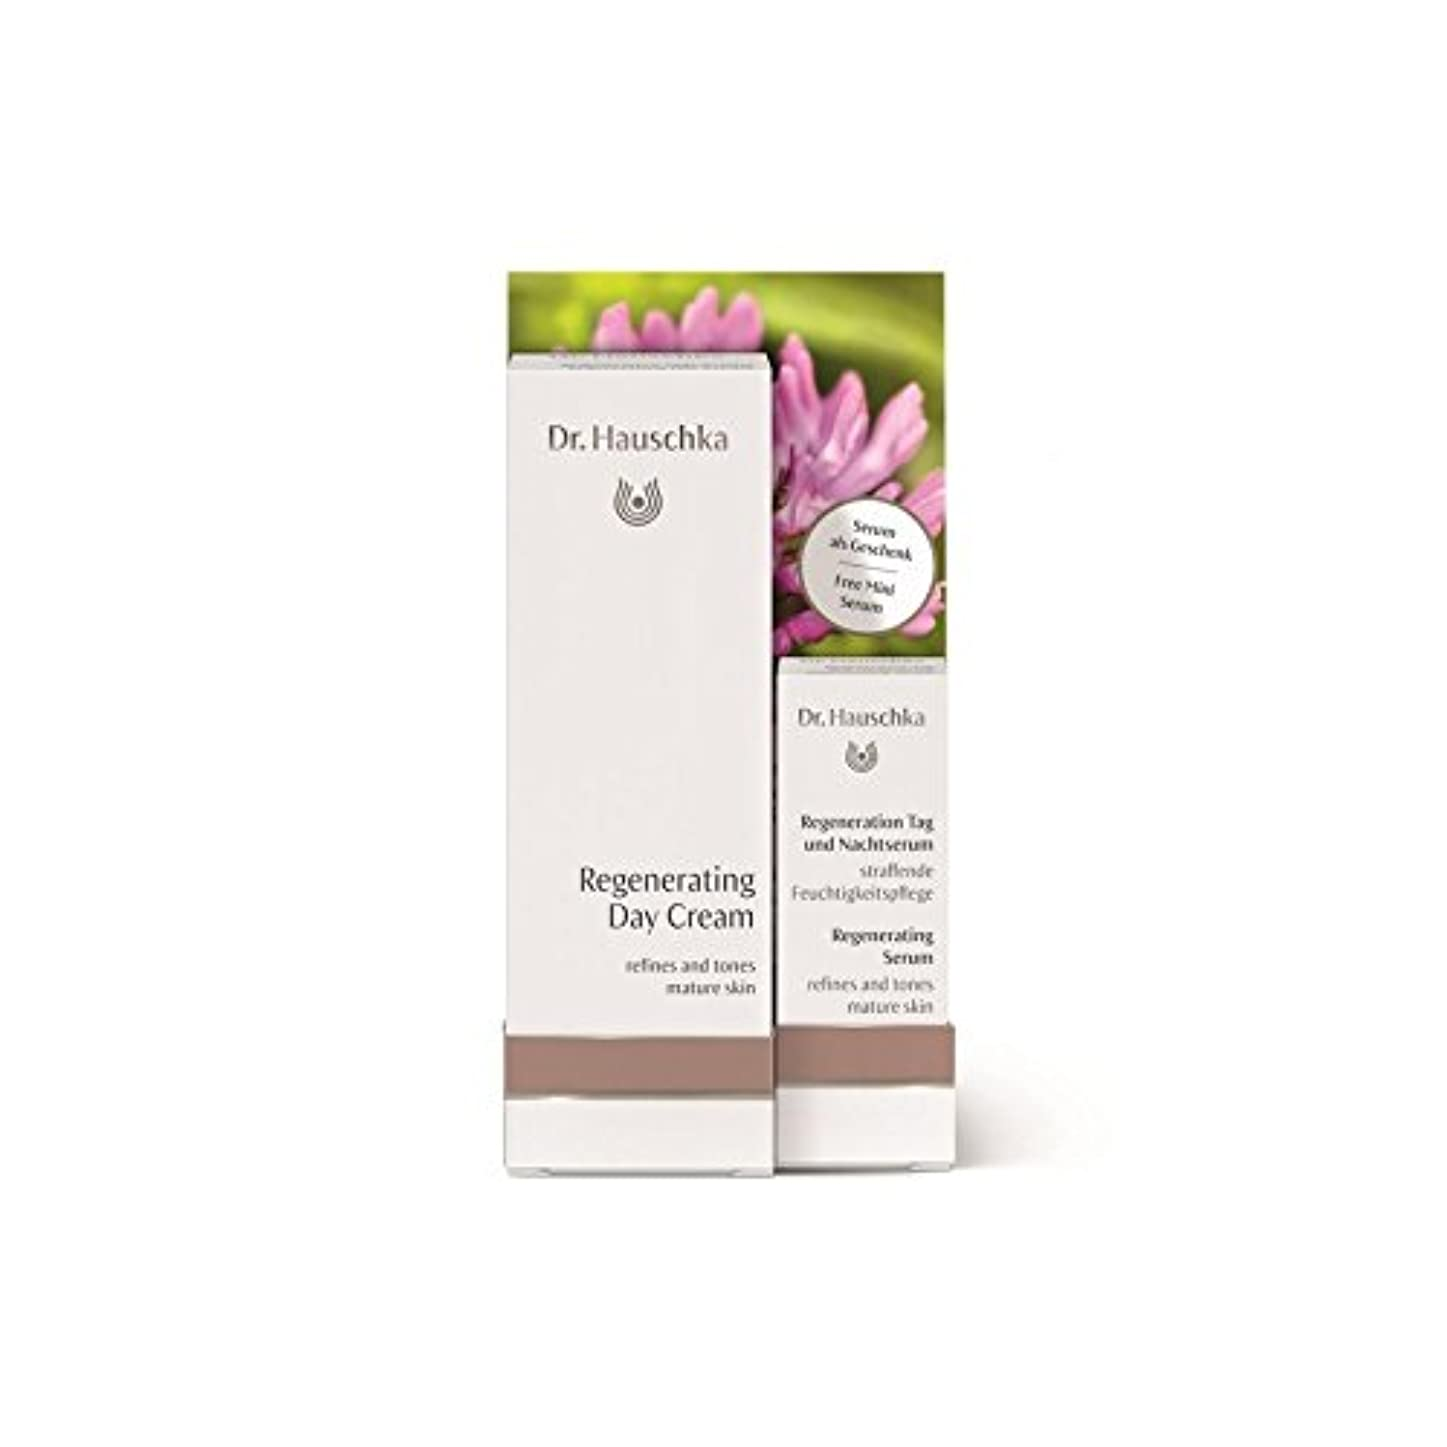 報復するサドルピンポイント無料再生血清2.5ミリリットルとハウシュカ再生デイクリーム x2 - Dr. Hauschka Regenerating Day Cream with a free Regenerating Serum 2.5ml (Pack of 2) [並行輸入品]